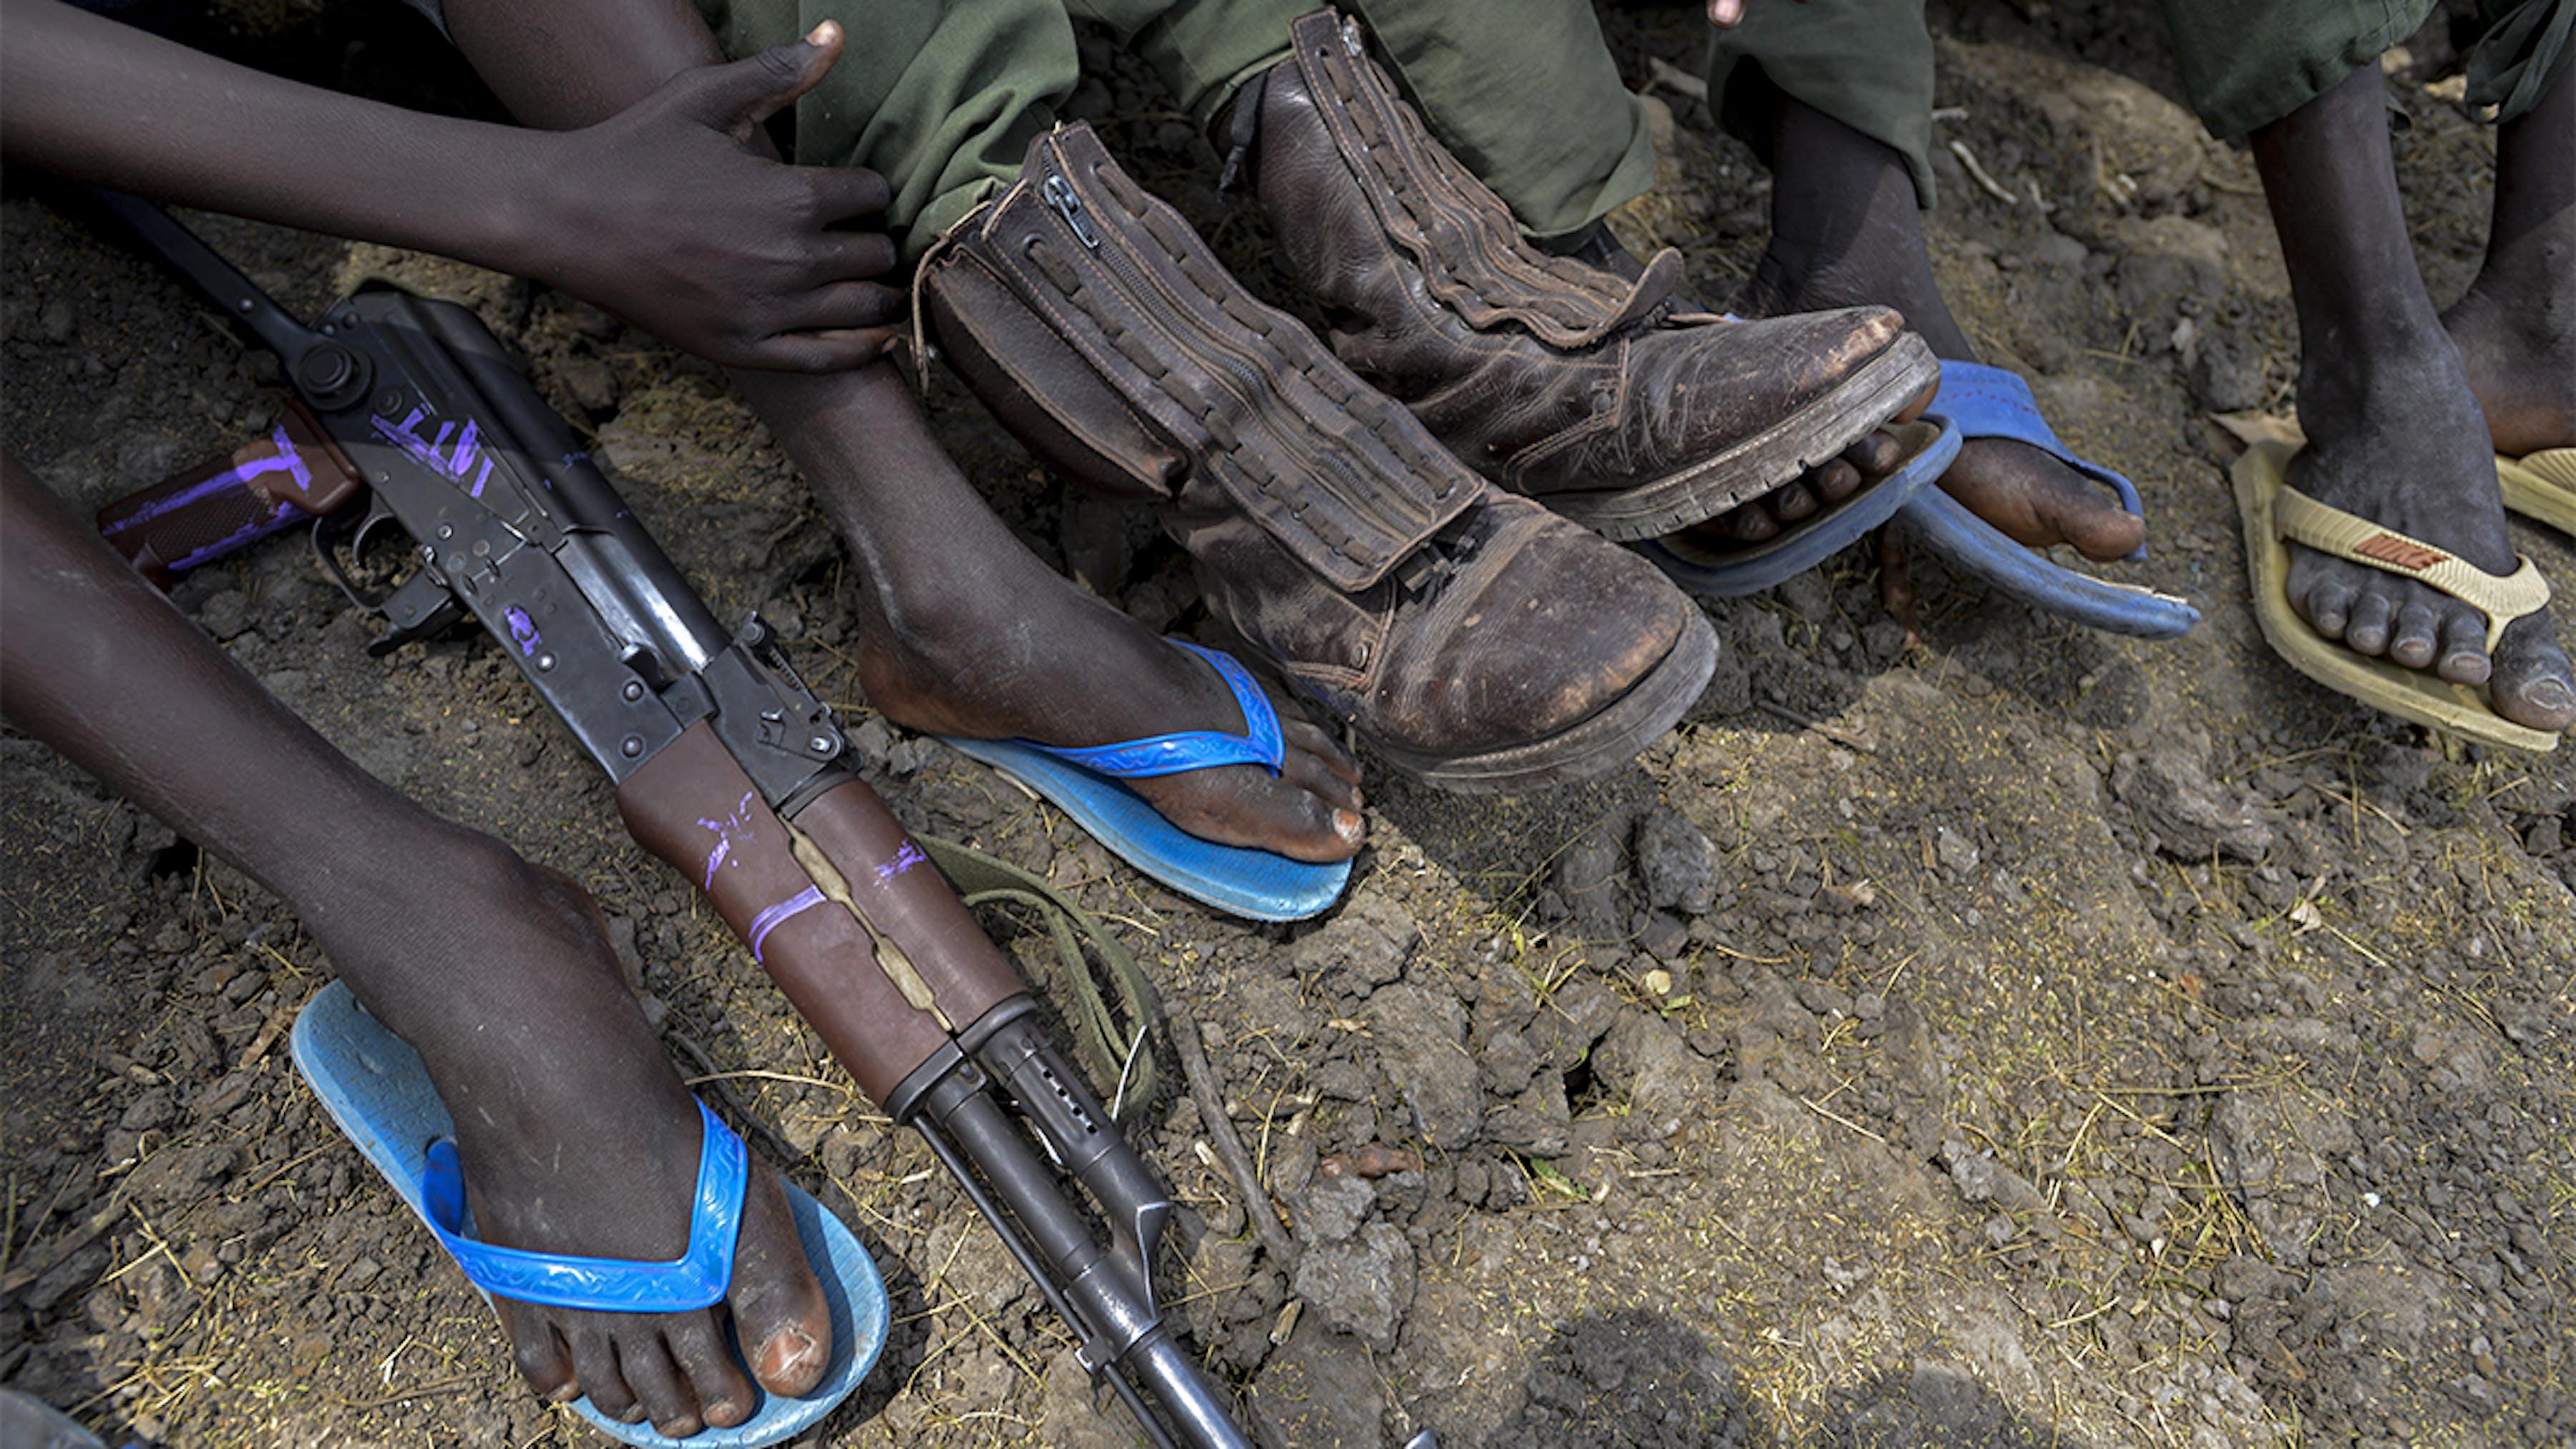 Sud sudan, alcuni bambini soldato attendono di essere rilasciati dai gruppi armati.